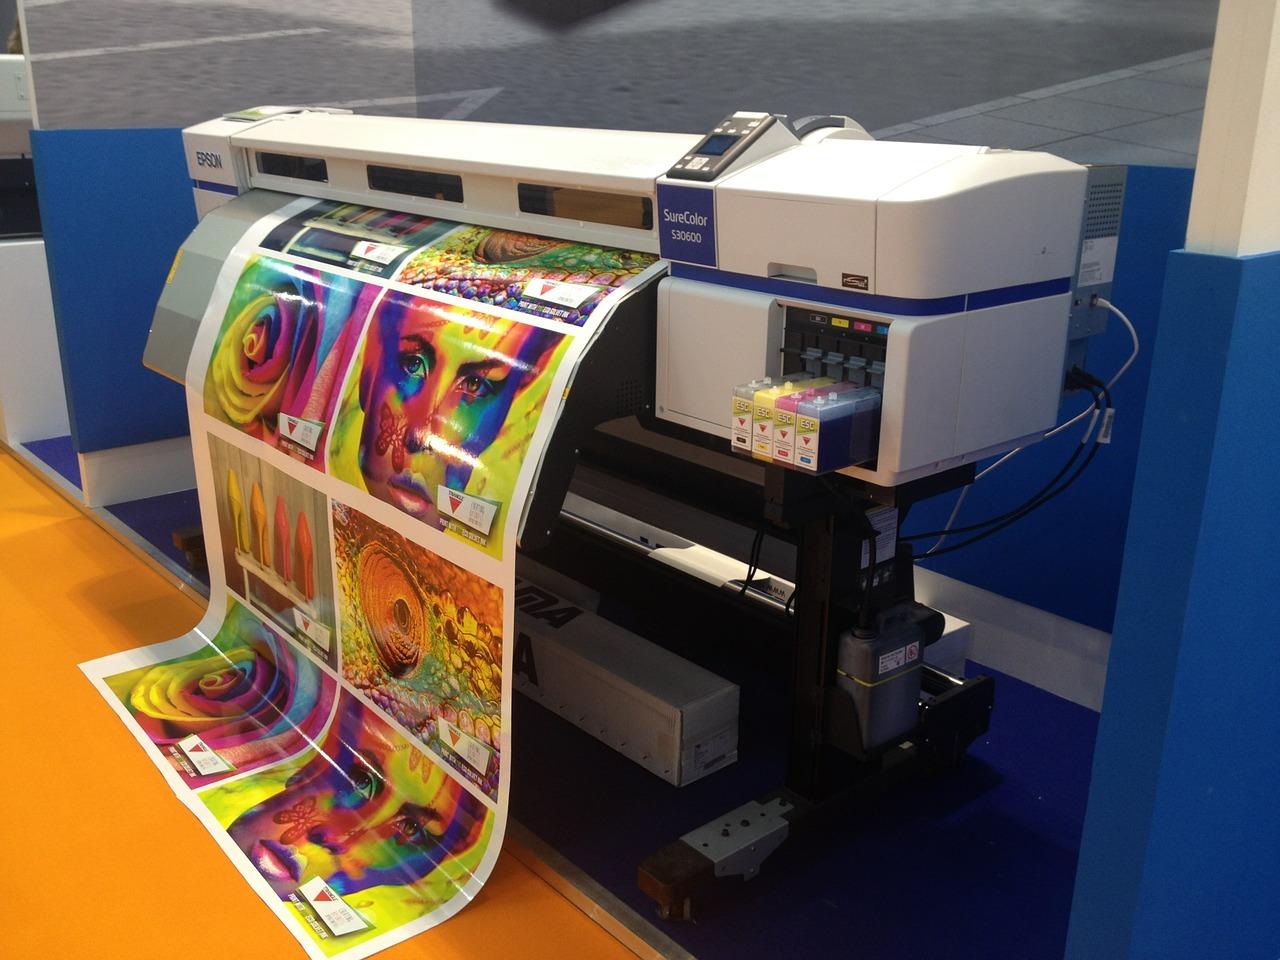 Migliori stampanti fotografiche economiche: consigli e classifica per l'acquisto.